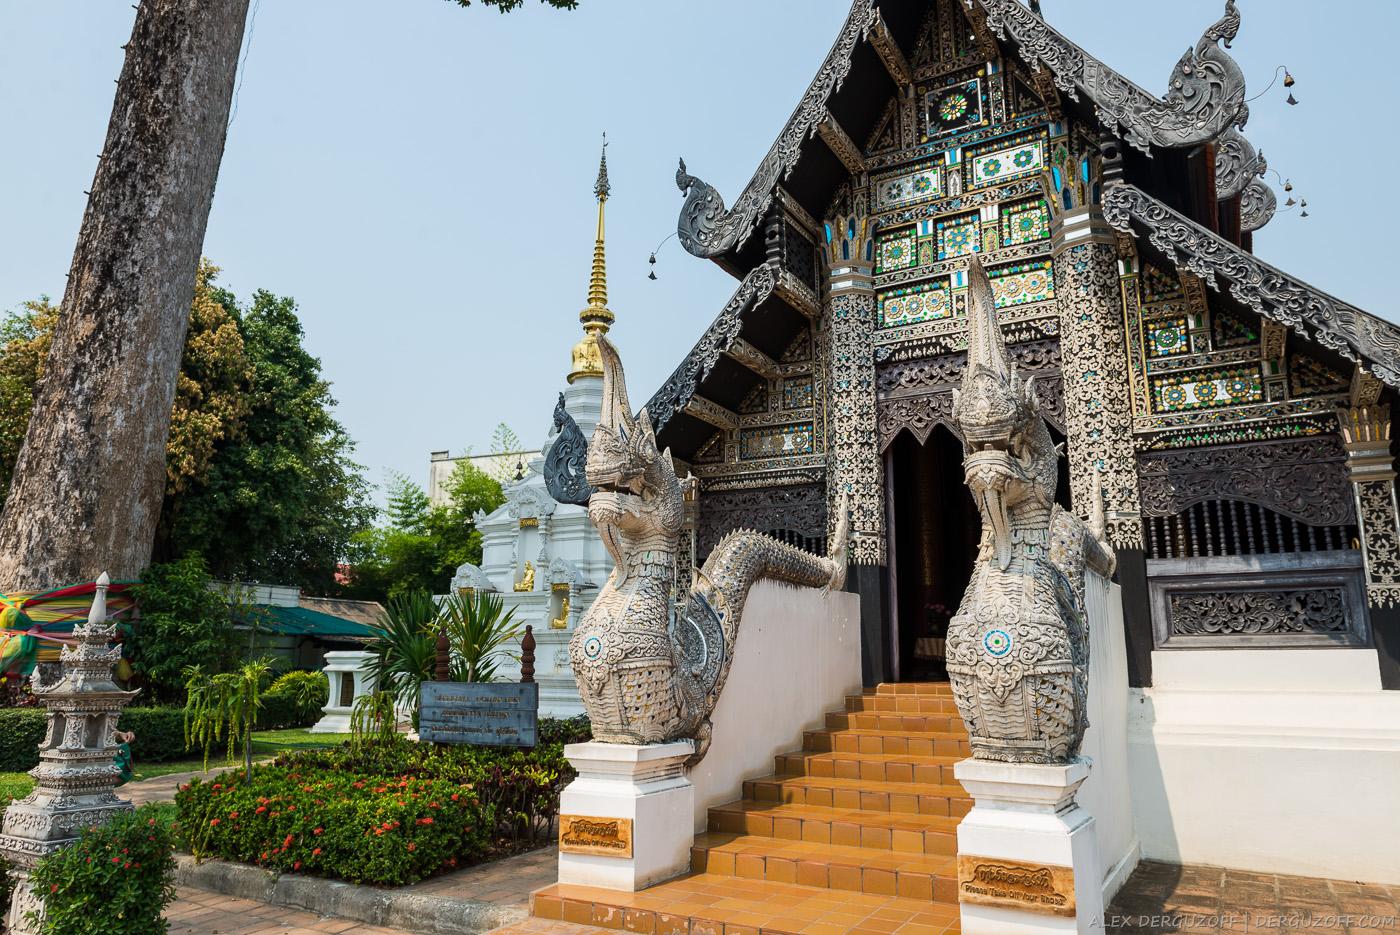 Тайская архитектура Чиангмай